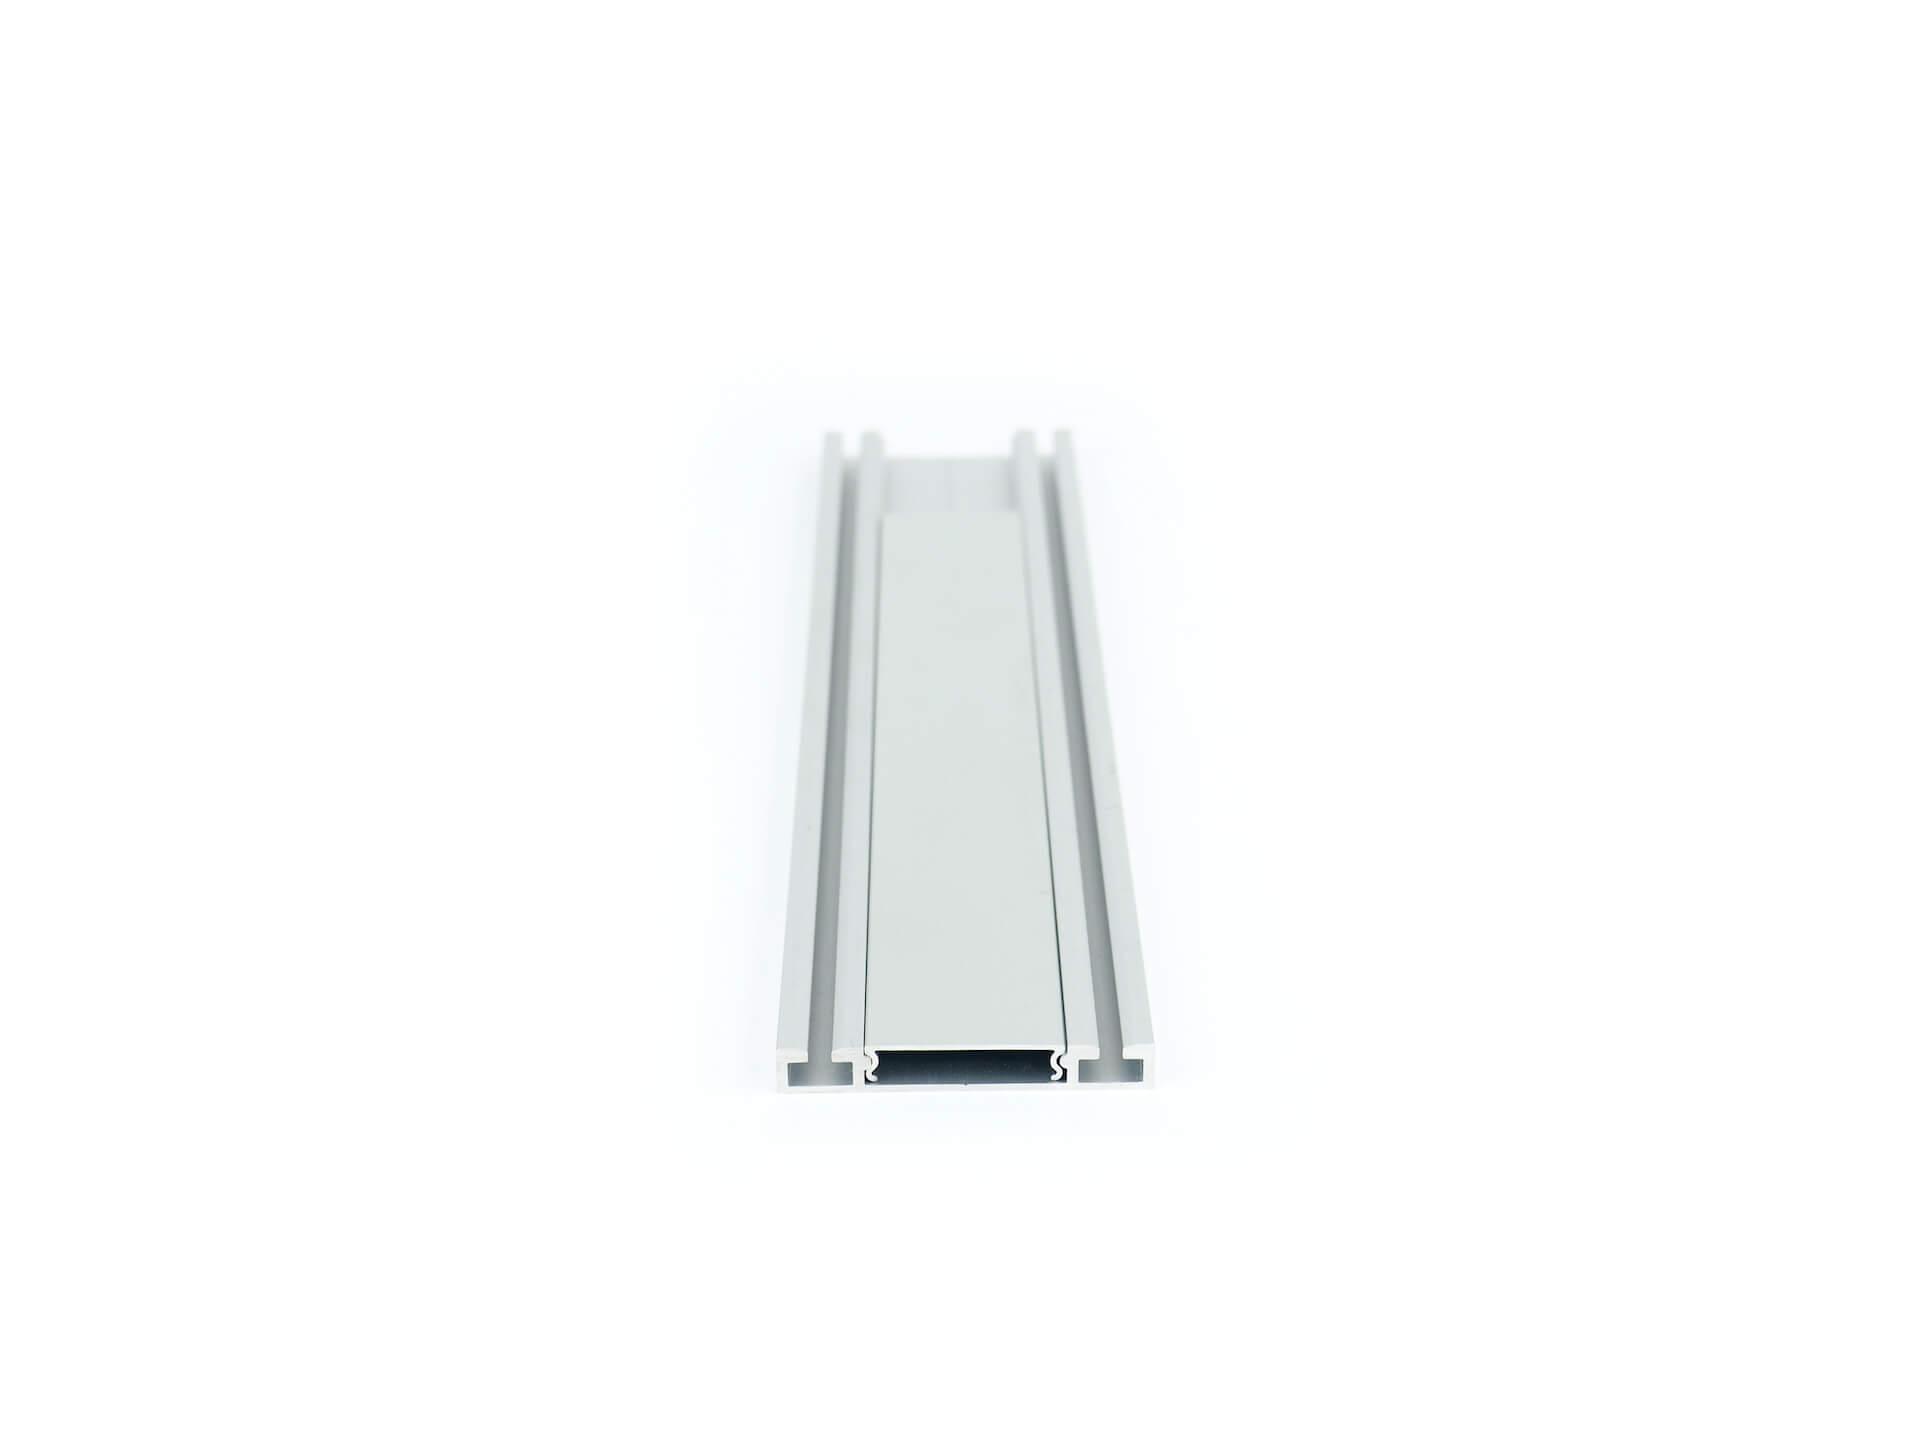 Eingelassene eckige Bodenschiene für Schiebetüren Foto